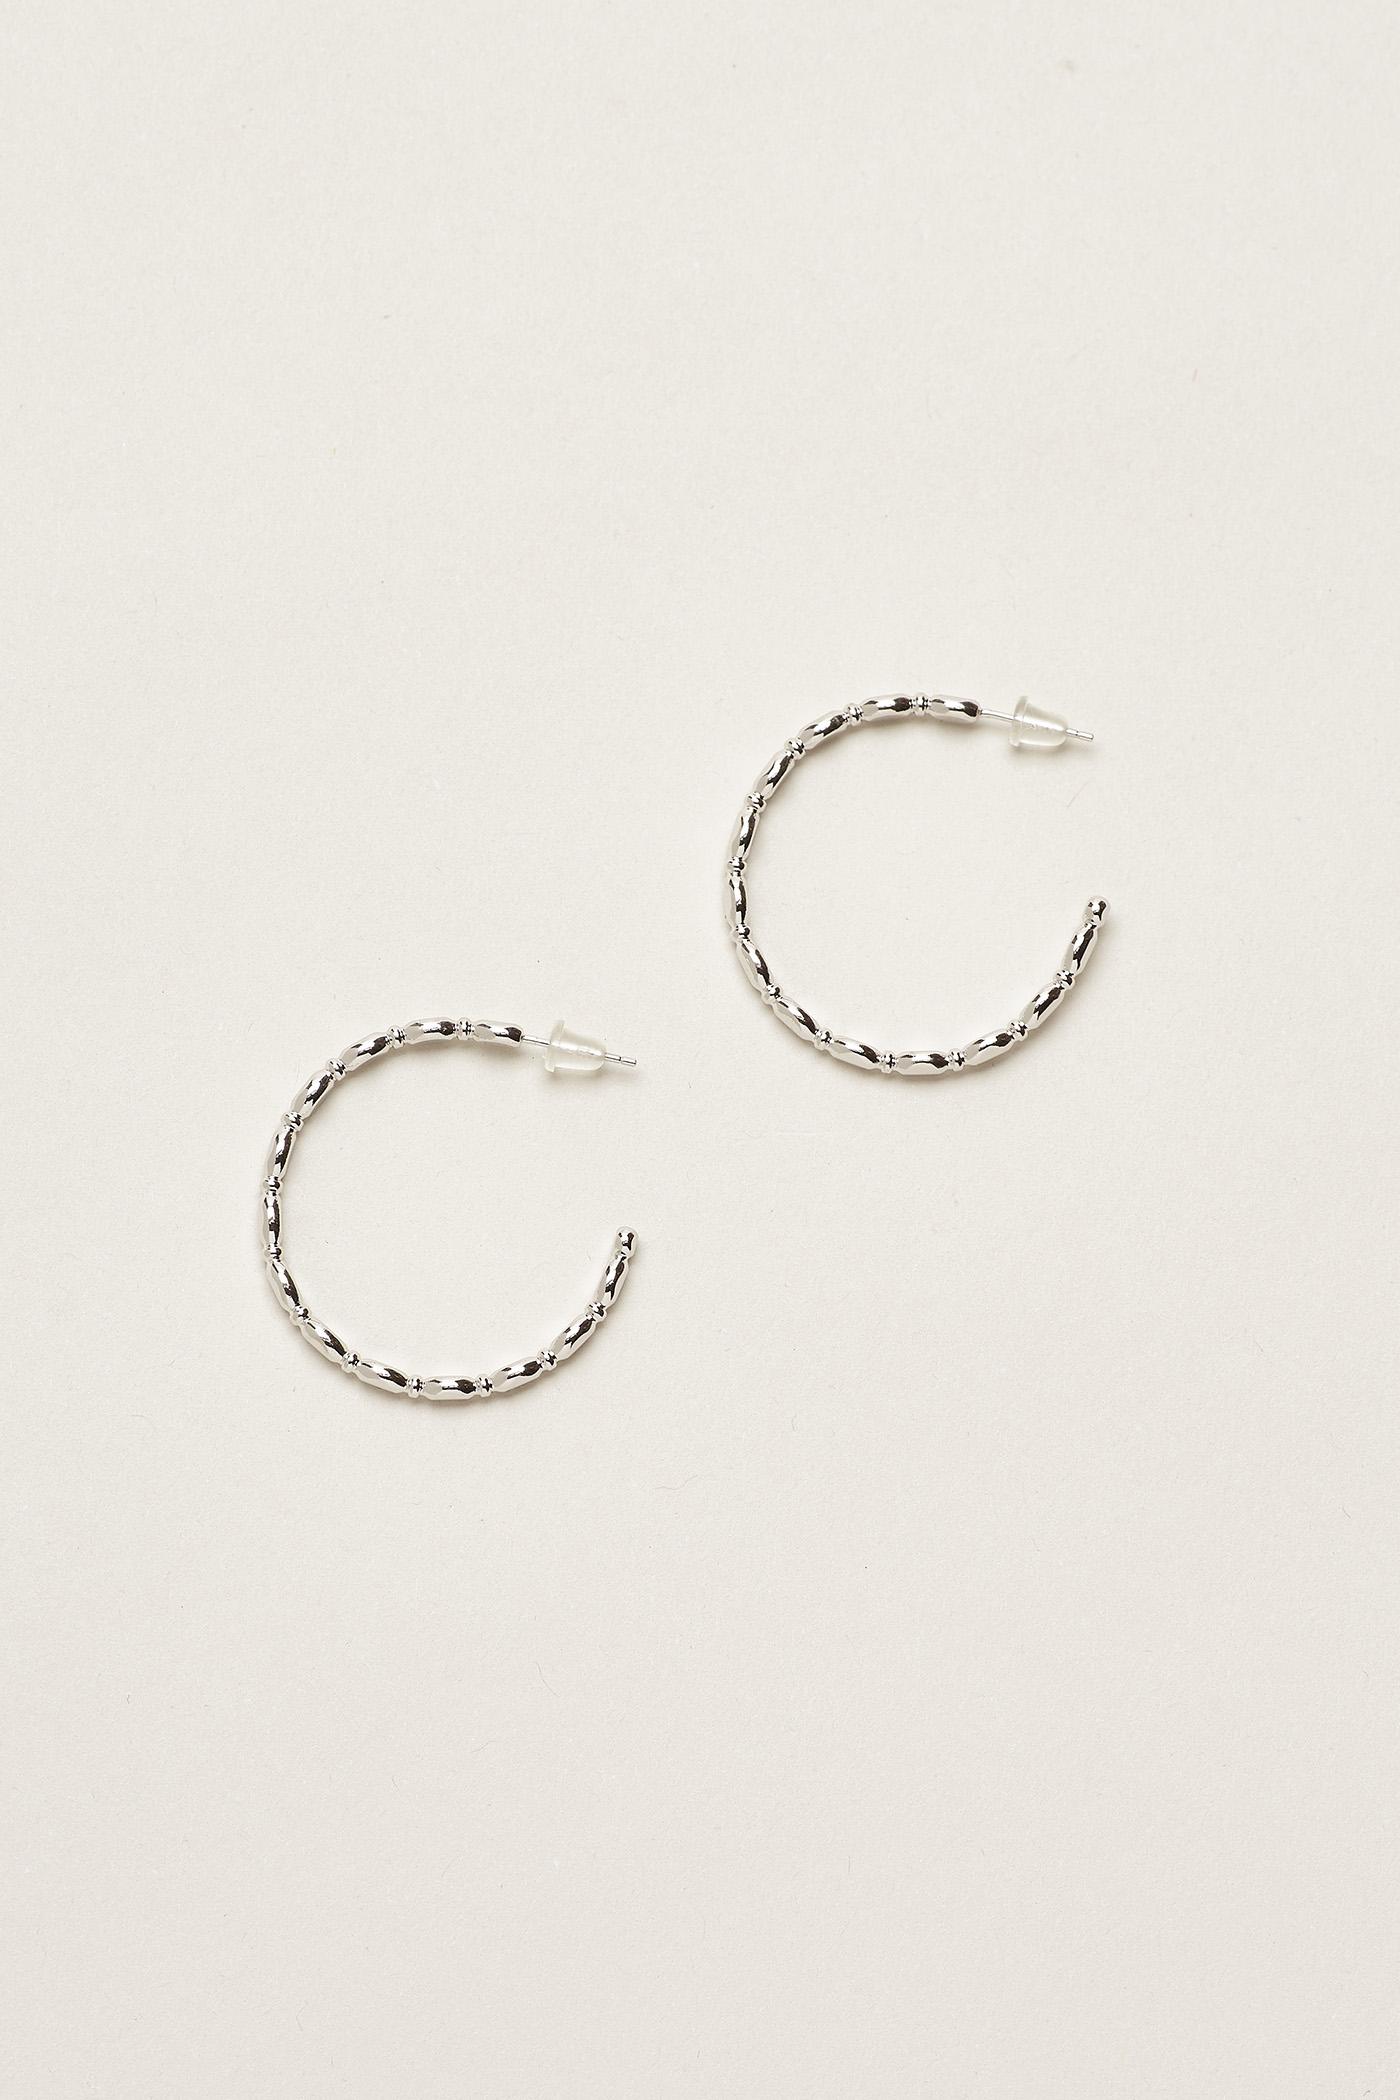 Minh Small Beaded Hoop Earrings